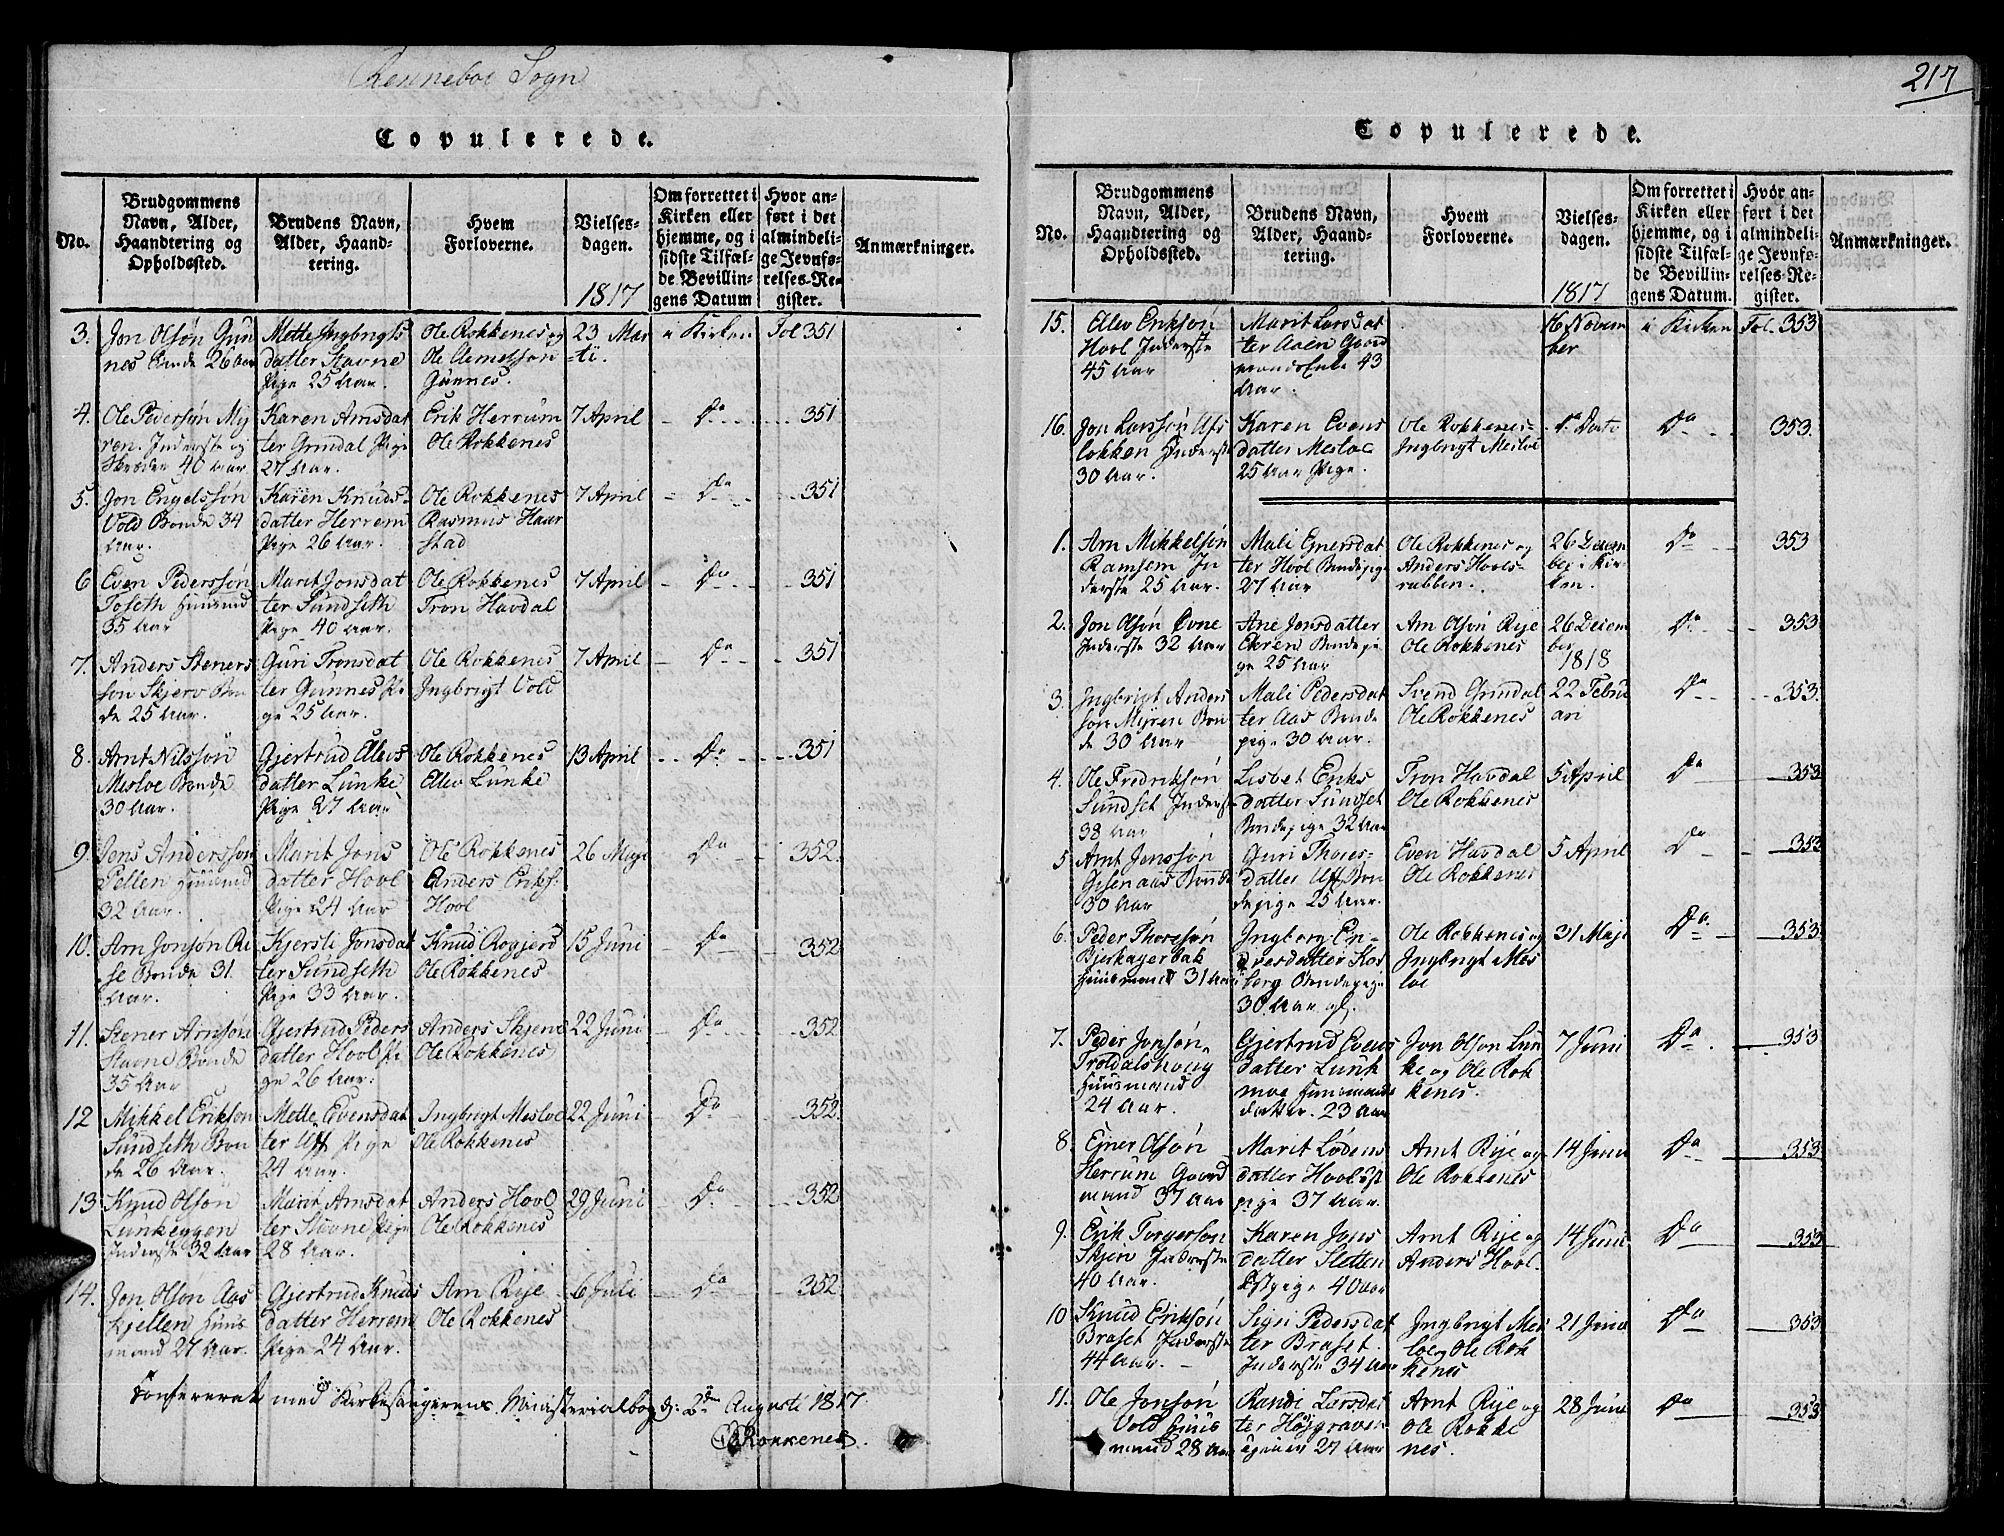 SAT, Ministerialprotokoller, klokkerbøker og fødselsregistre - Sør-Trøndelag, 672/L0854: Ministerialbok nr. 672A06 /2, 1816-1829, s. 217